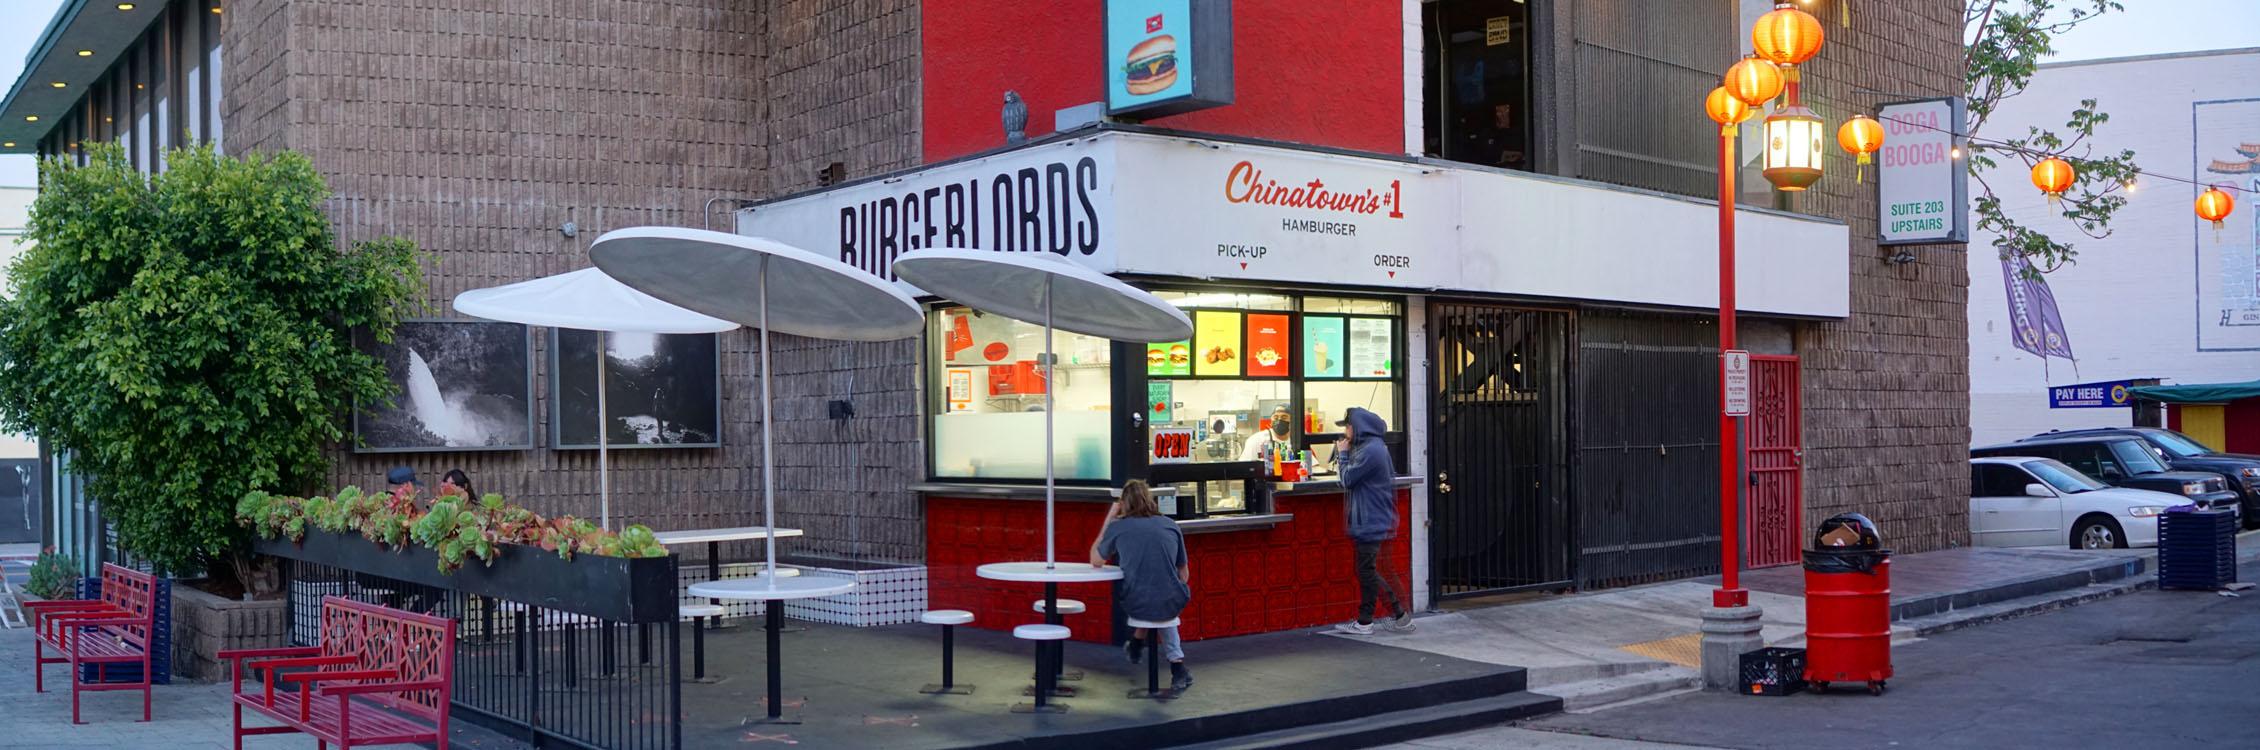 Burgerlords Exterior